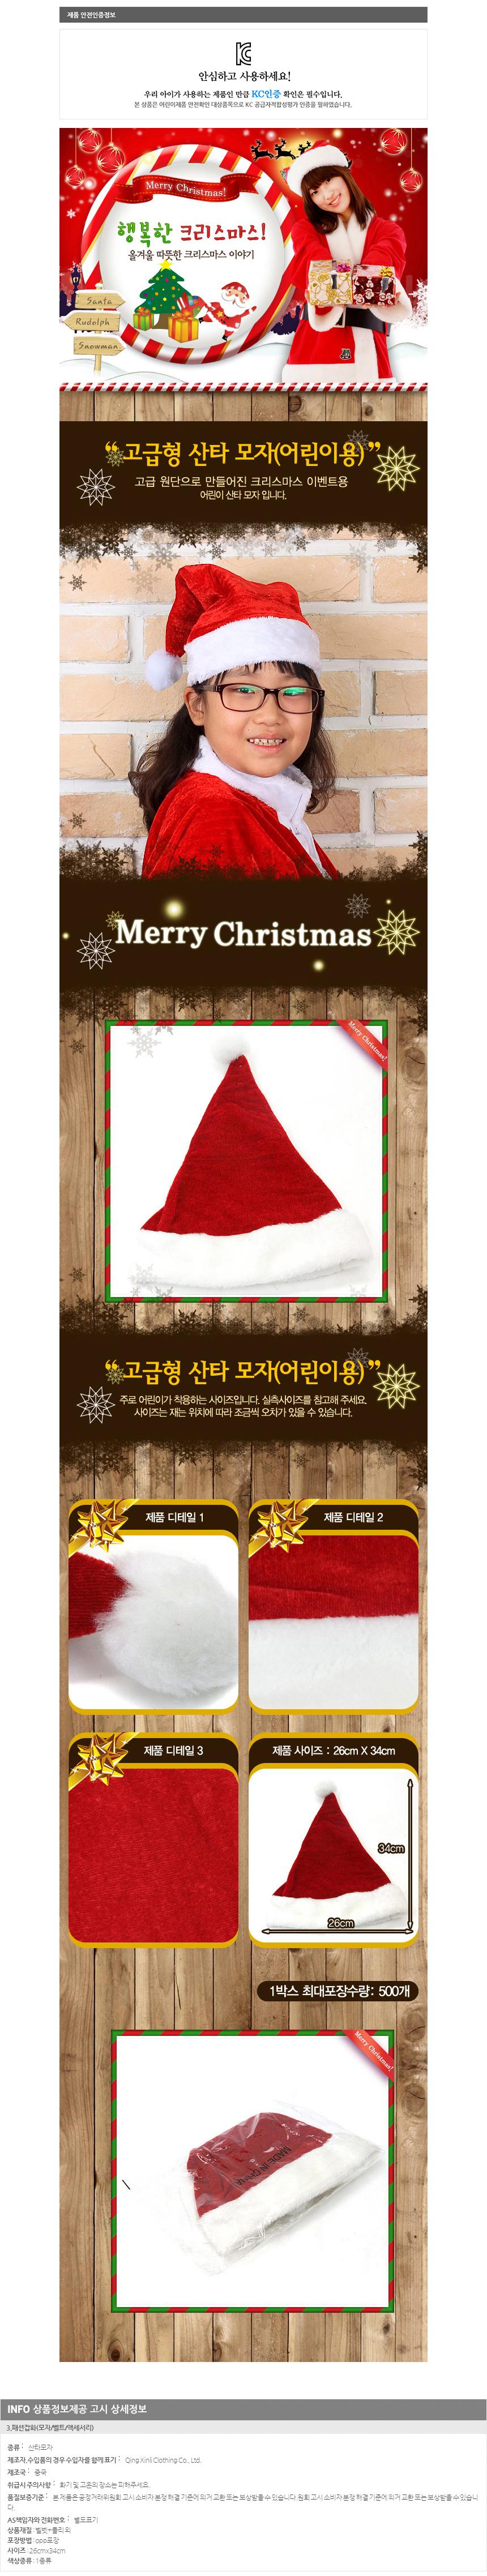 고급형 산타모자(어린이용) (26cm×34cm) - 기프트갓, 1,630원, 장식품, 크리스마스소품